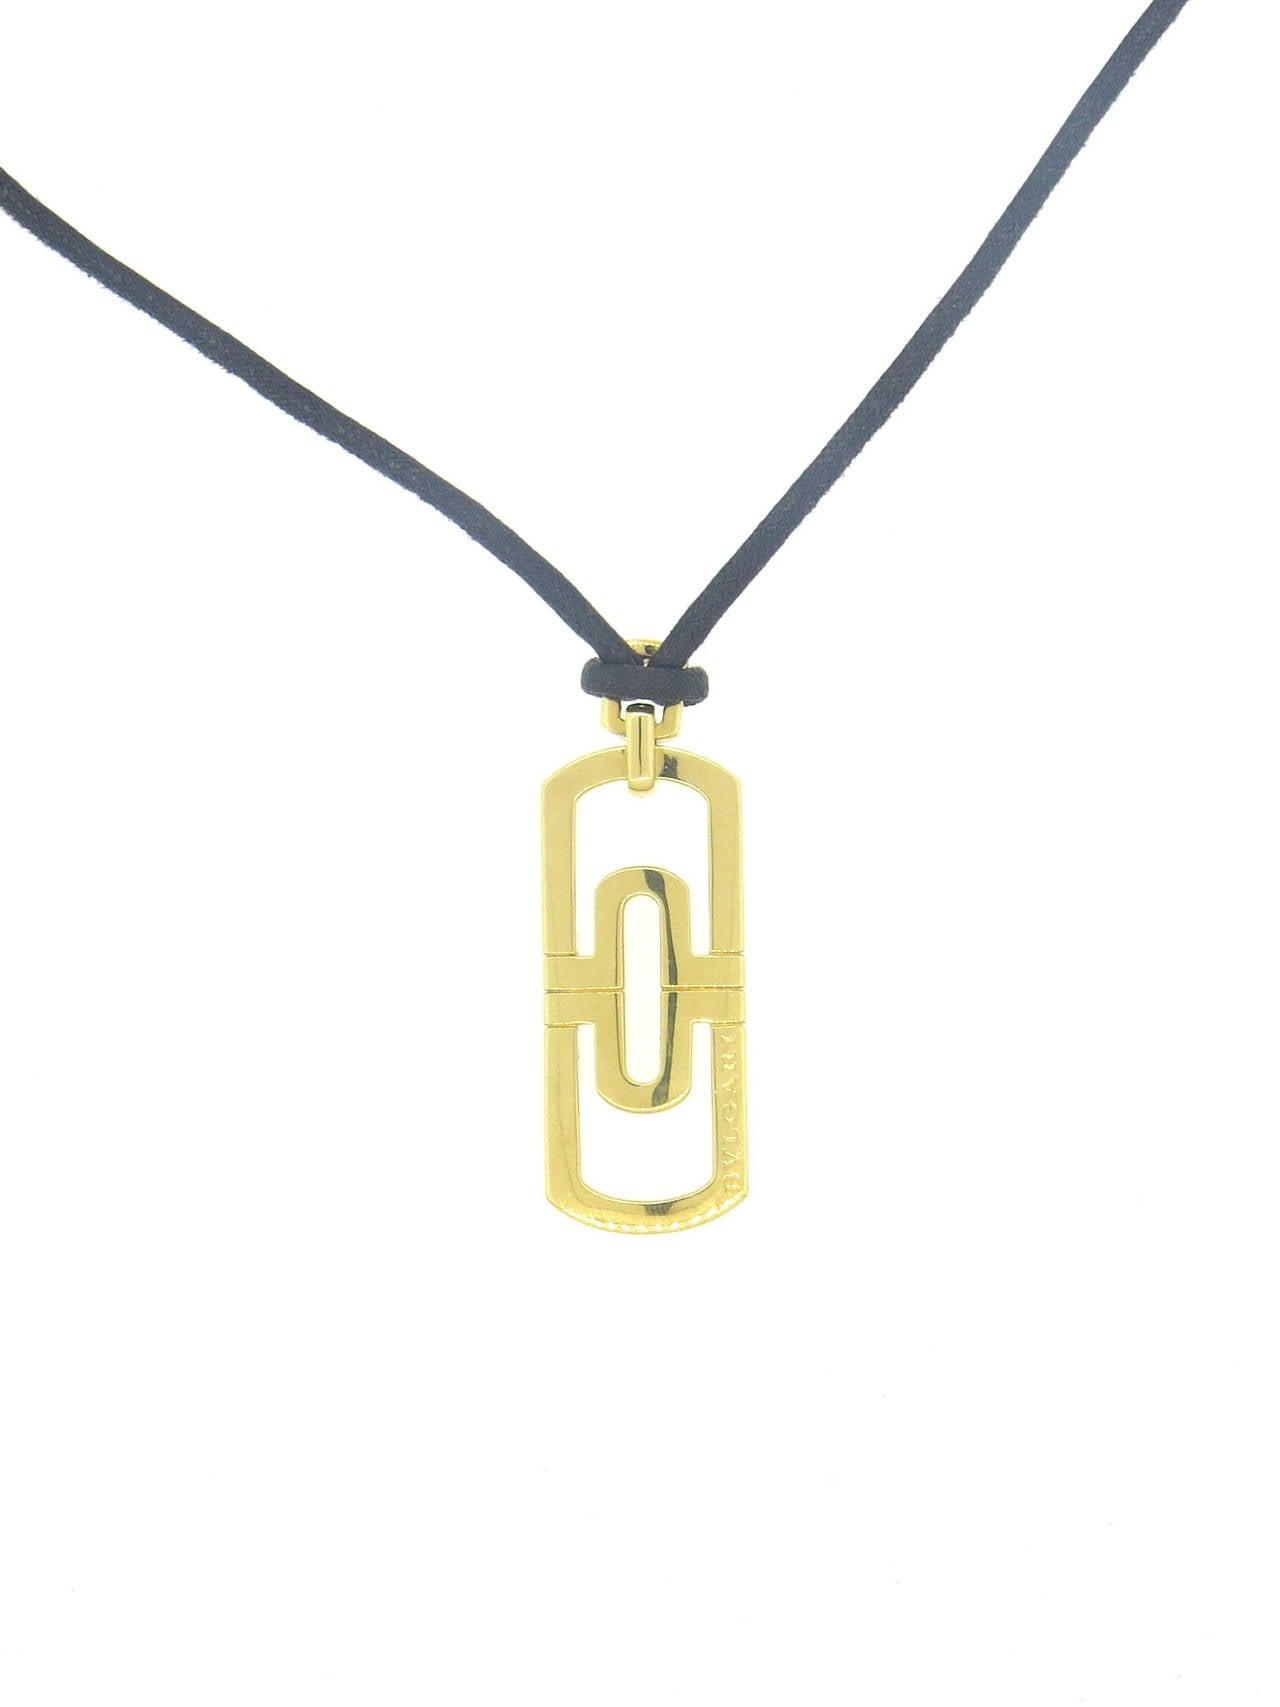 bulgari parentesi gold pendant cord necklace at 1stdibs